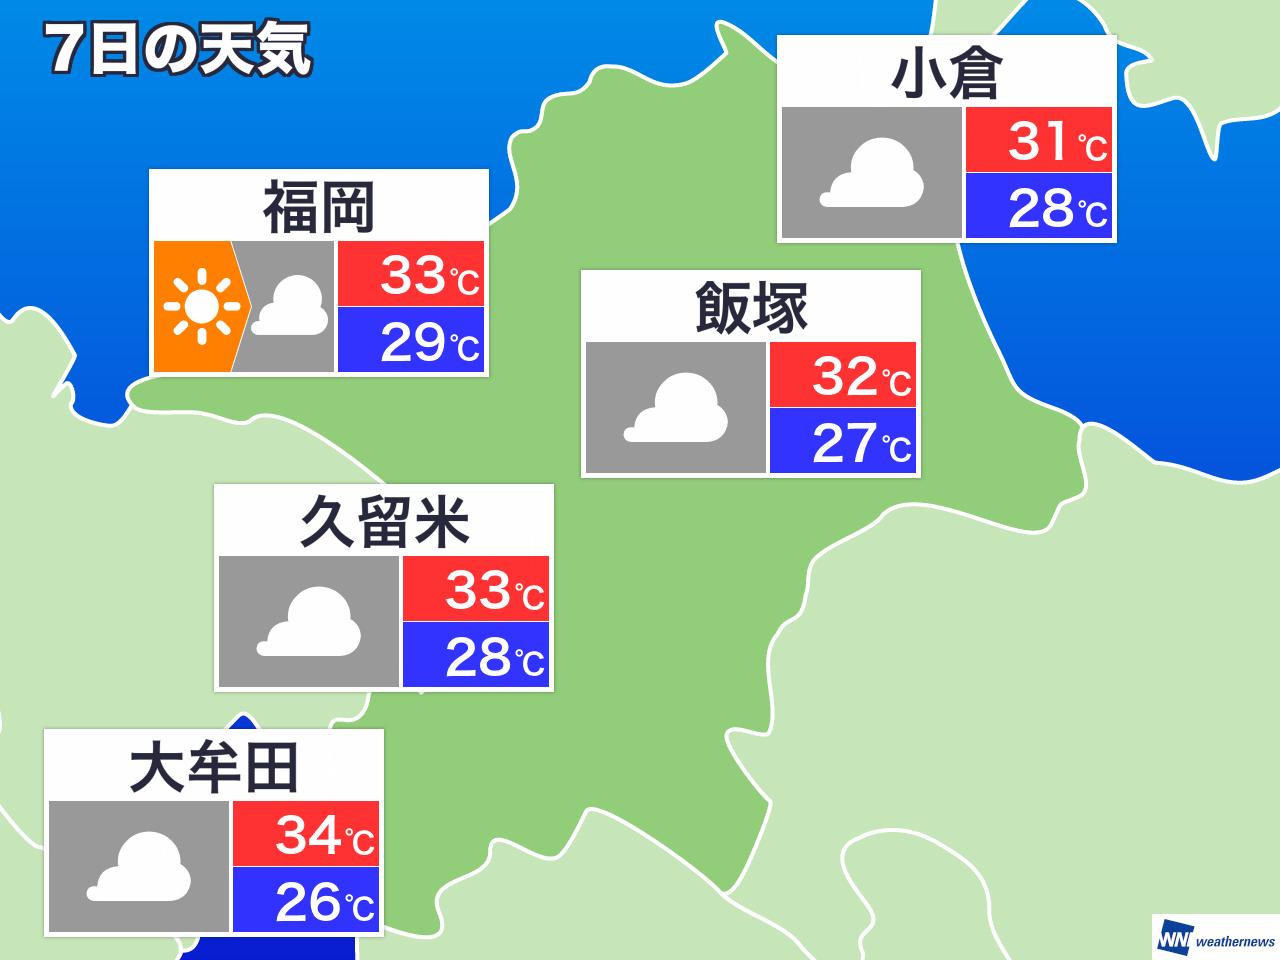 今日 の 天気 久留米